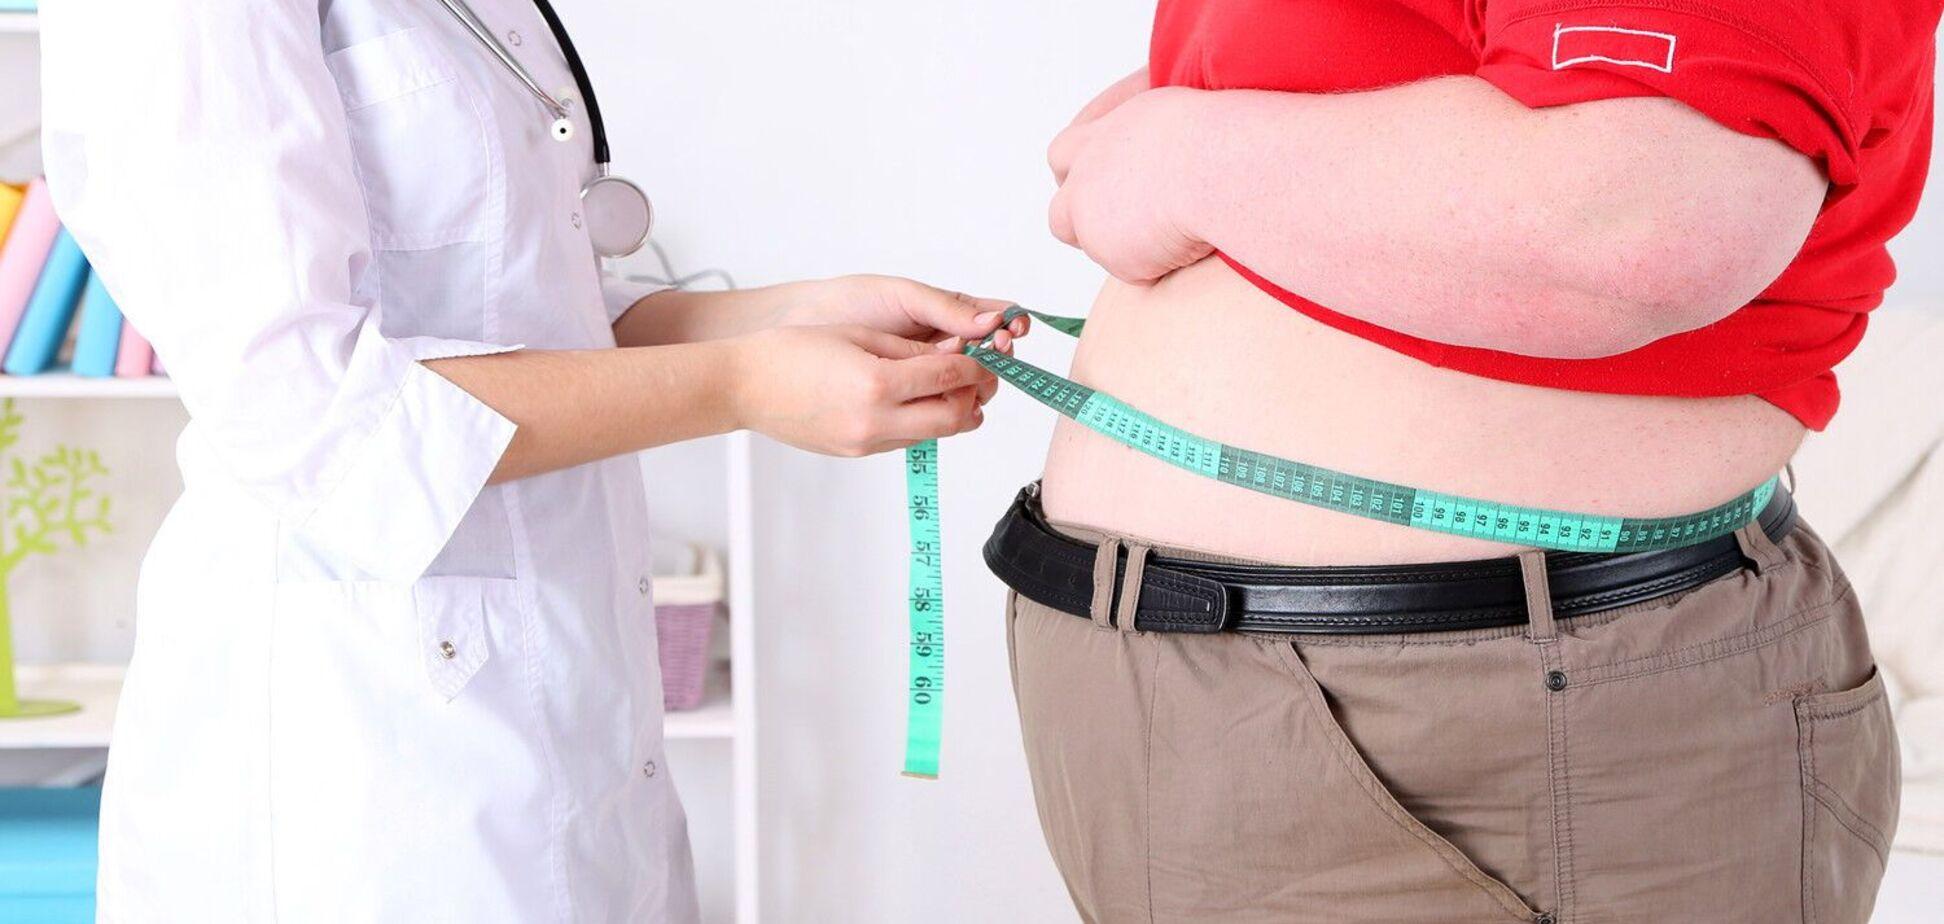 Лекарство от аппетита поможет при ожирении